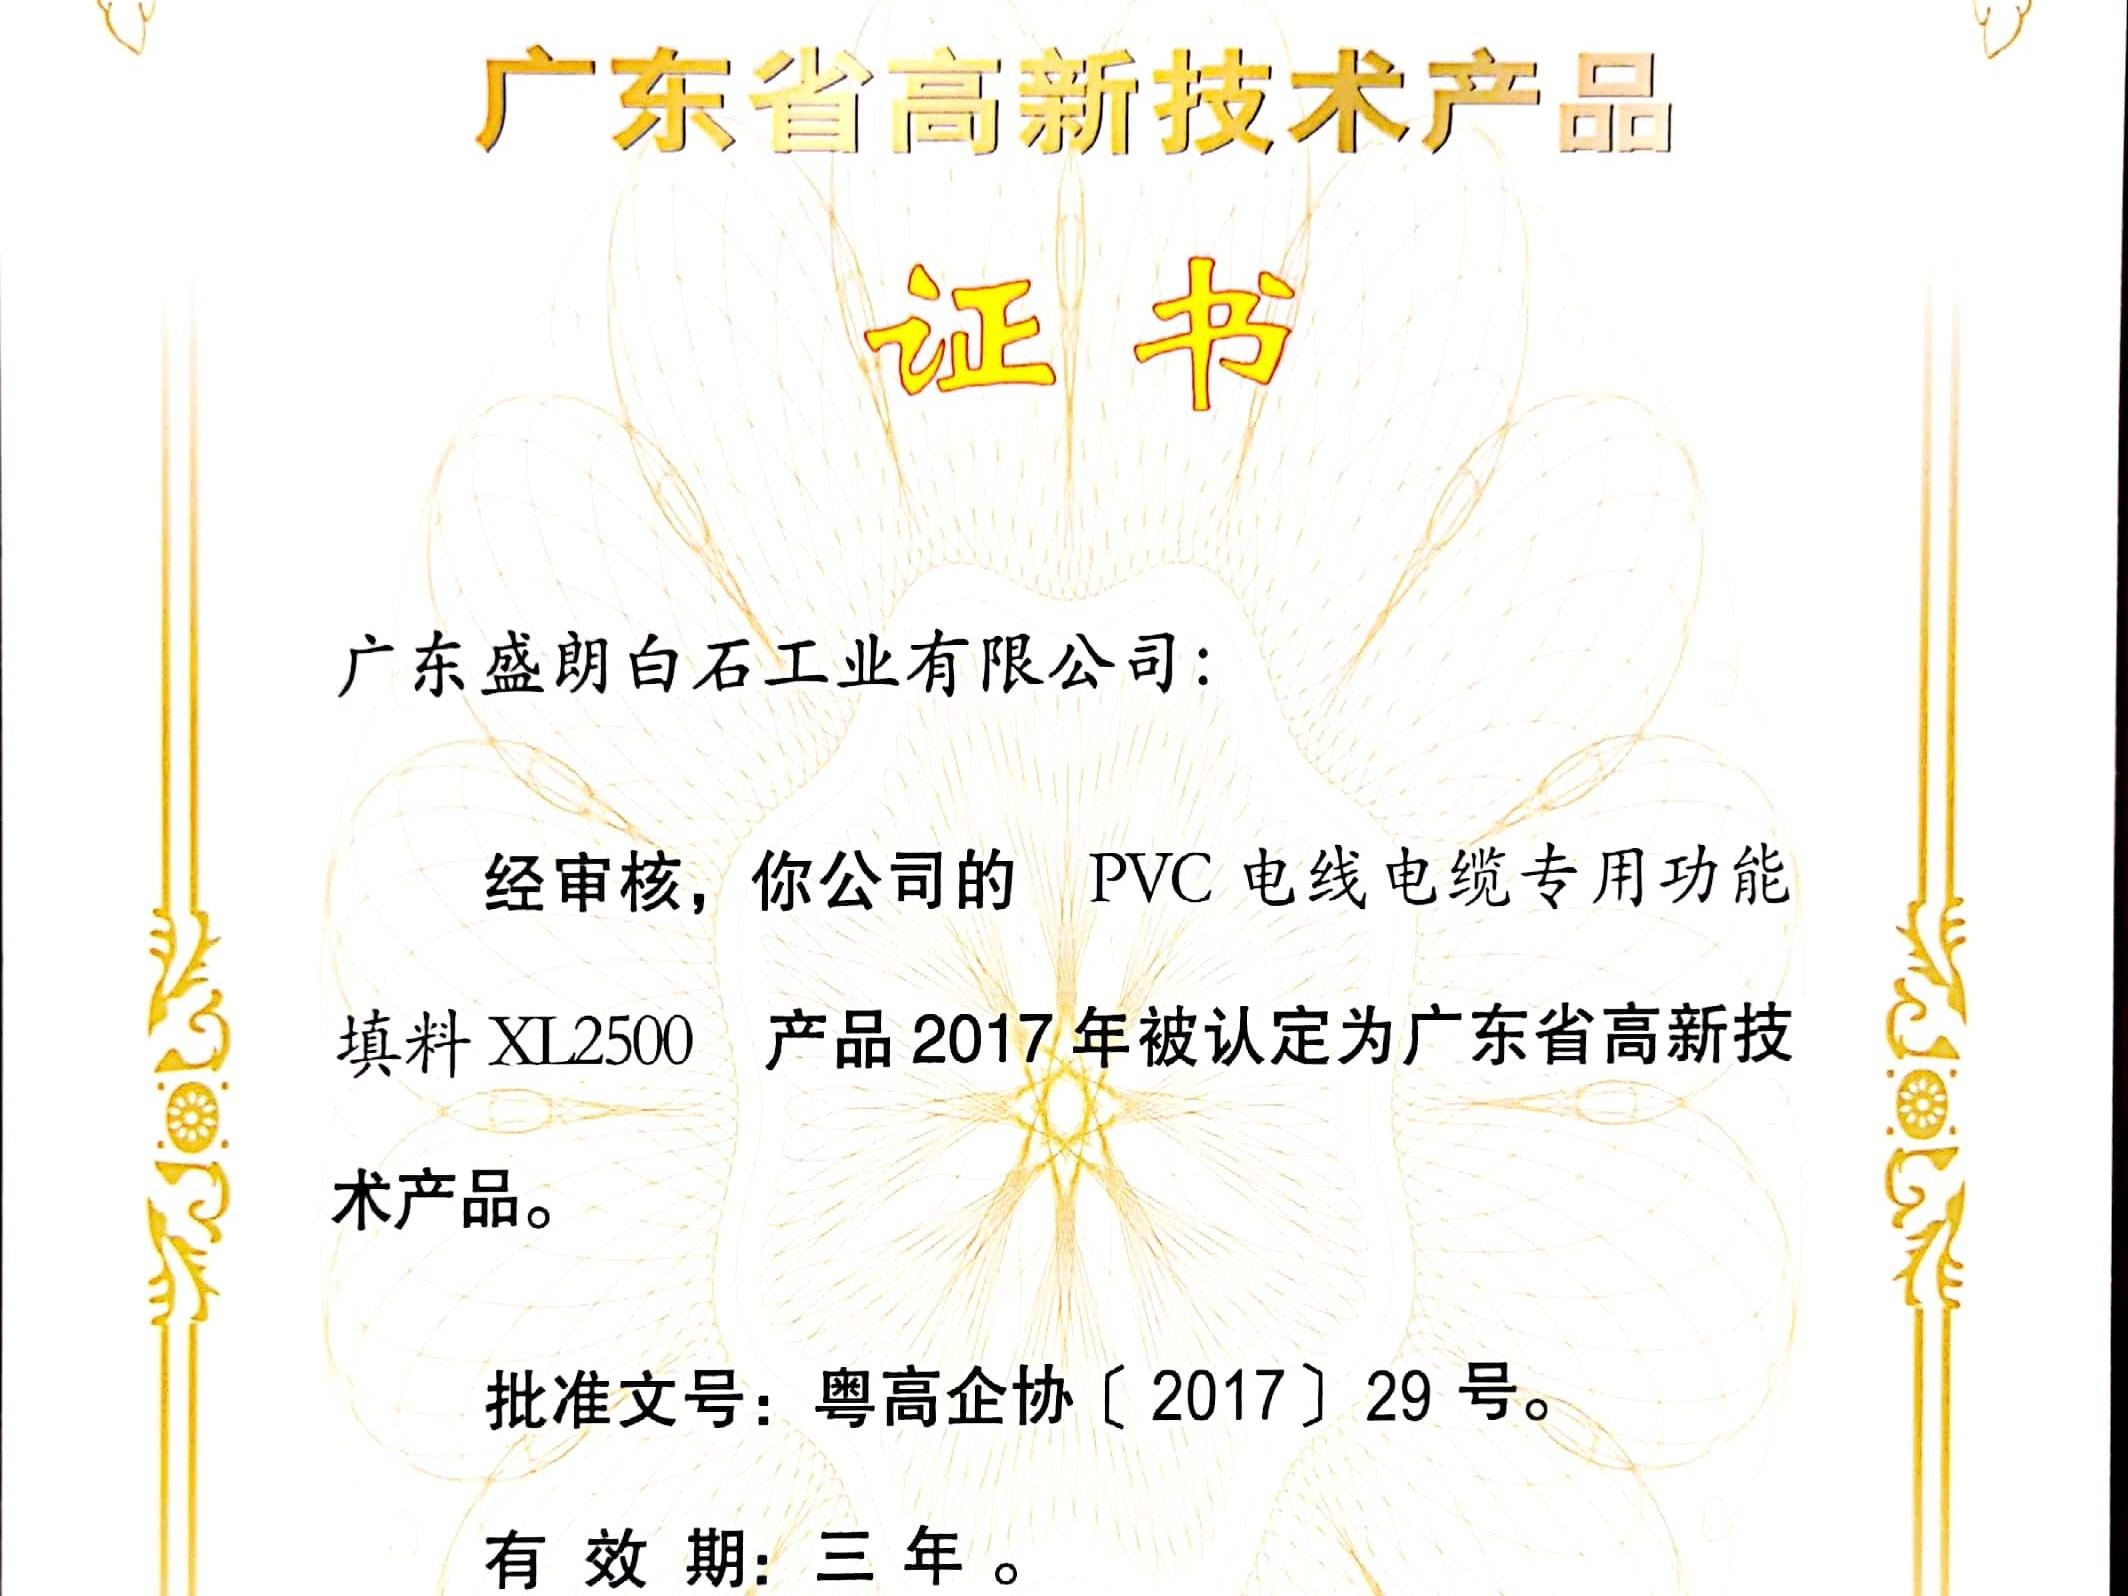 盛朗白石-XL2500高新技术证书